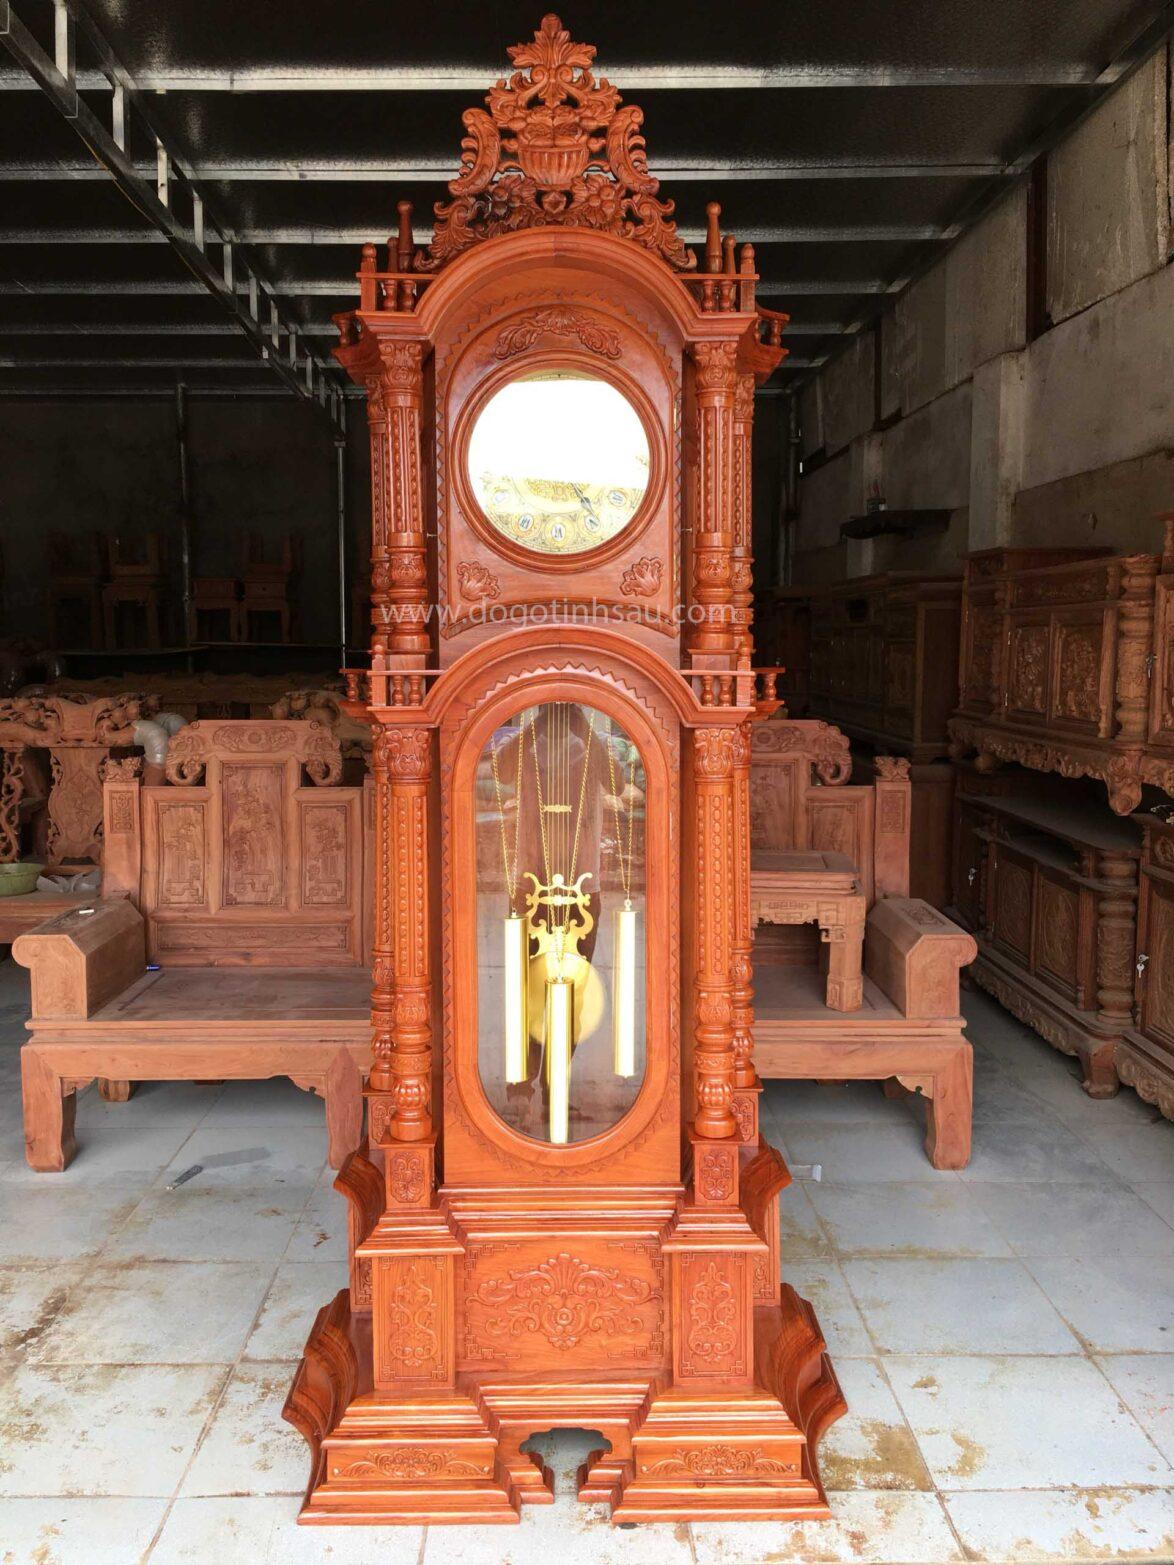 dong ho cay 1174x1565 - Đồng hồ cây gỗ hương đá kiểu dáng tháp tứ trụ vát